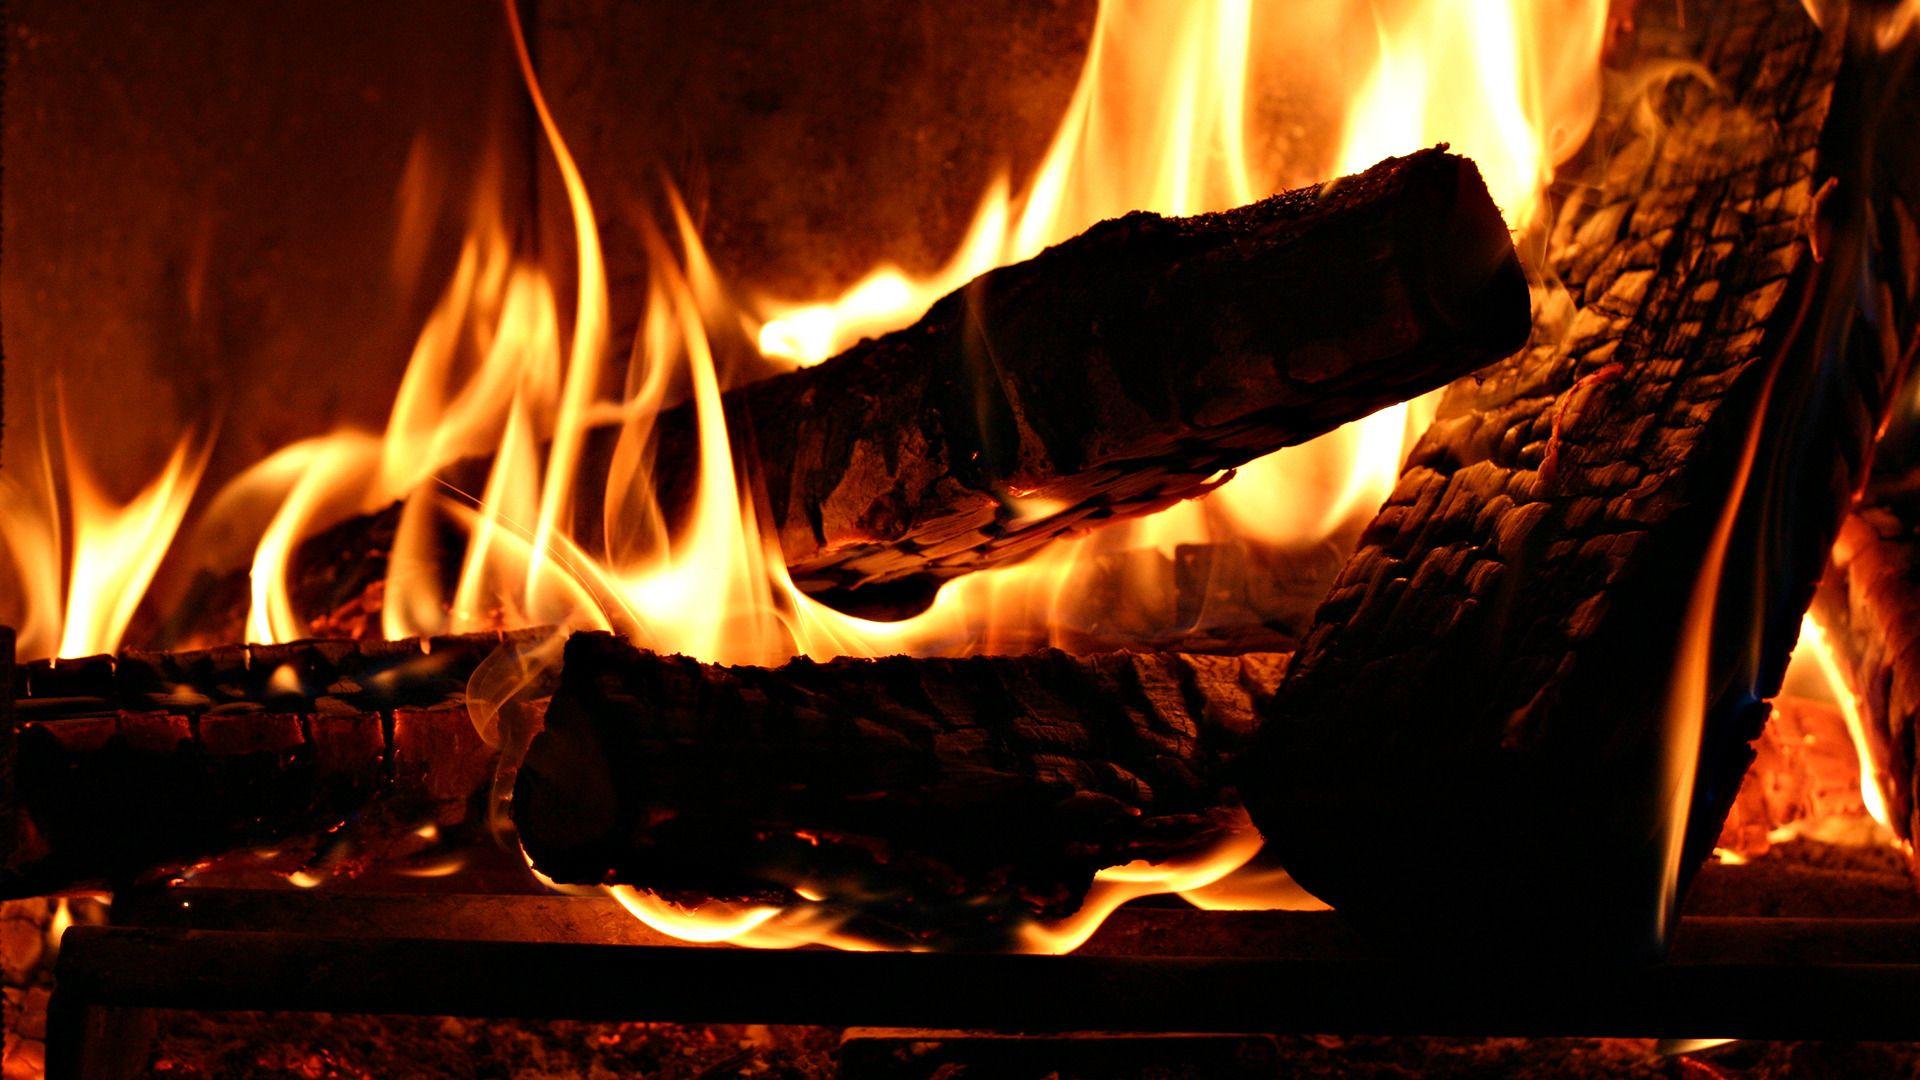 Fireplace Wallpaper 24632 1920x1080 Px Hdwallsource Com Wallpaper Fireplace Fireplace Log Wallpaper